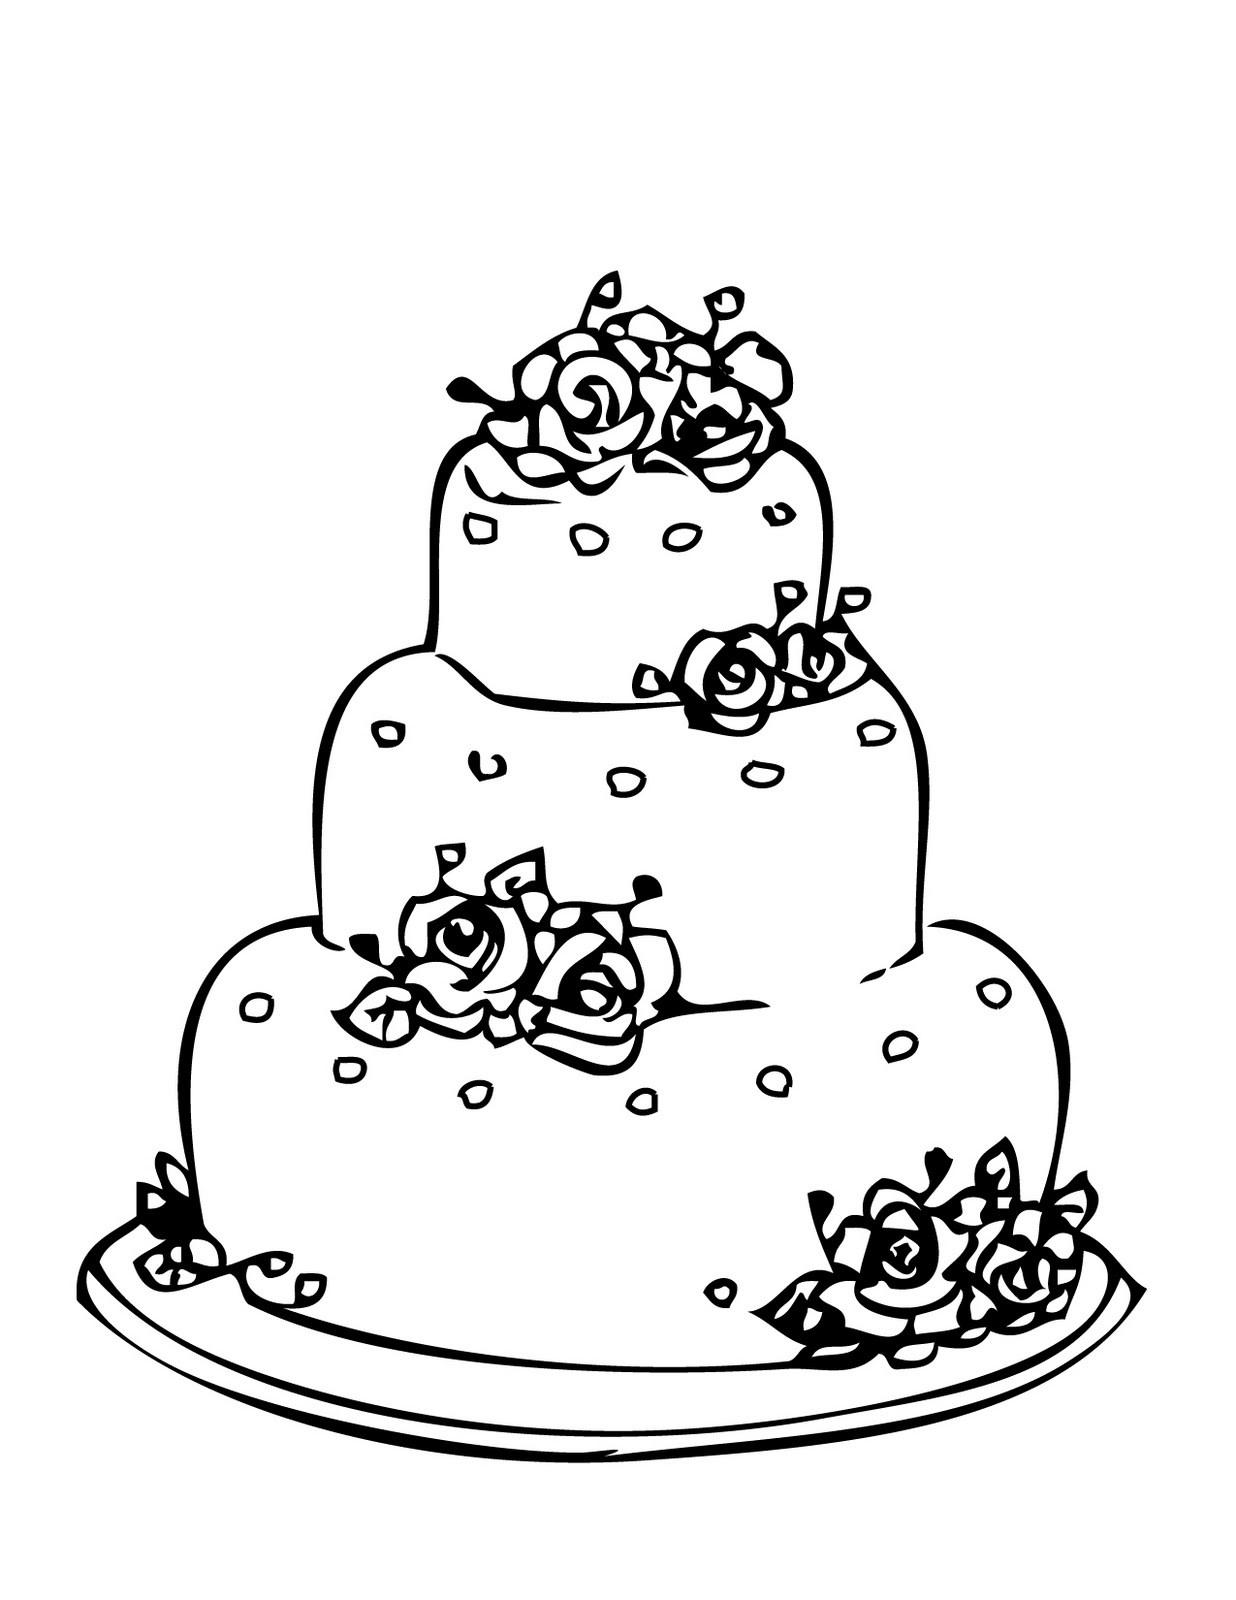 1236x1600 How Do You Draw A Cake